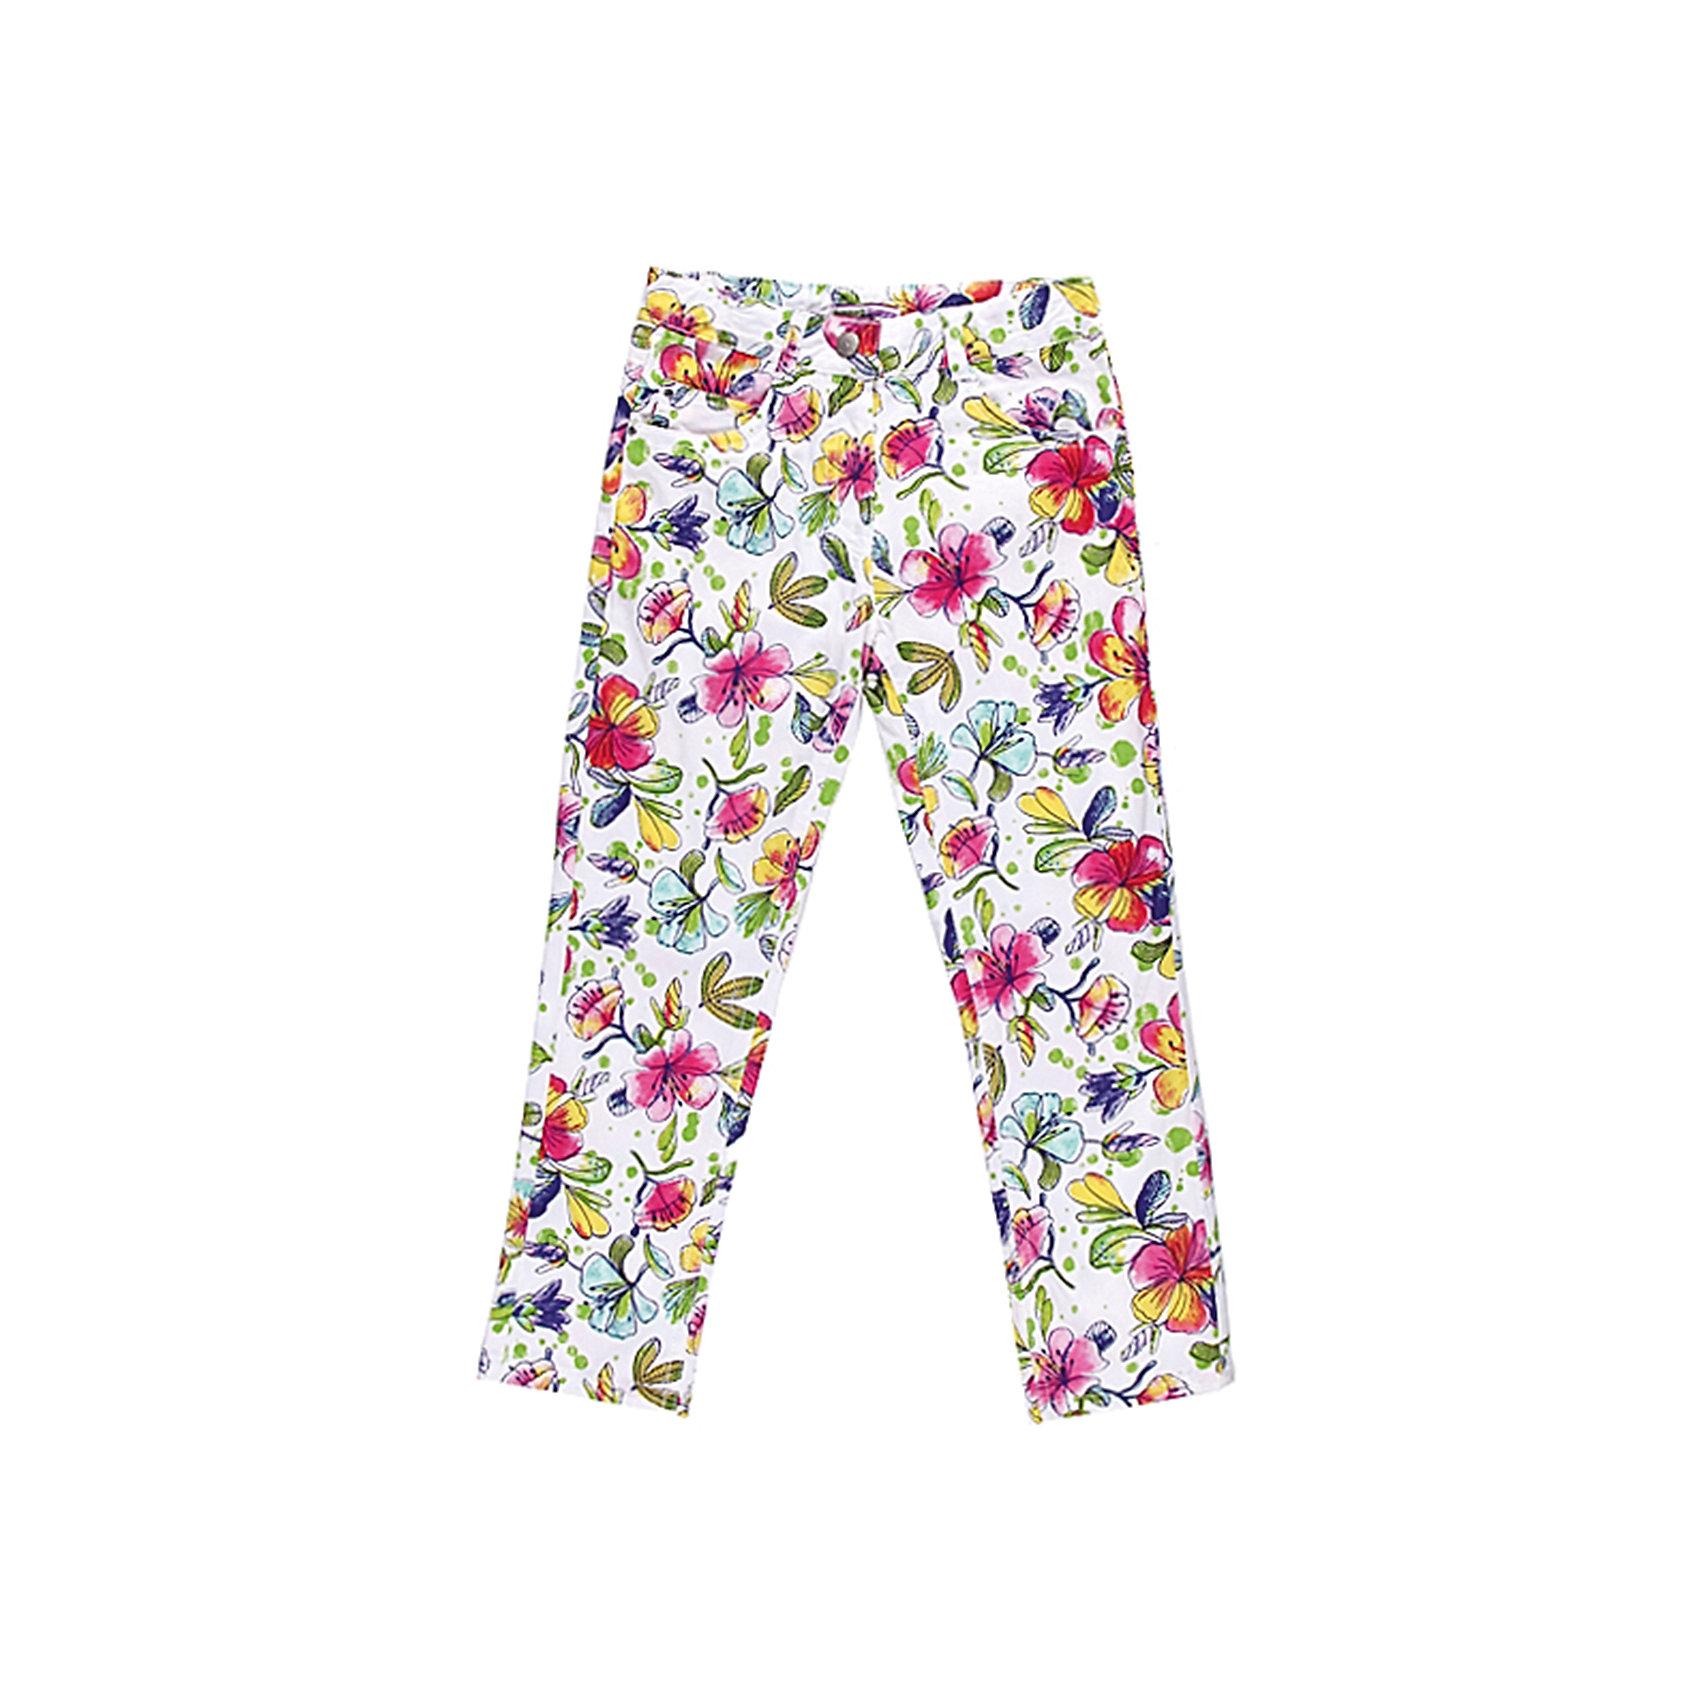 Брюки для девочки Sweet BerryЯркие принтованные летние брюки на девочку, из тонкого поплина.. Четыре функциональных кармана, пояс регулируется внутренней резинкой.<br>Состав:<br>98% хлопок,2% эластан<br><br>Ширина мм: 215<br>Глубина мм: 88<br>Высота мм: 191<br>Вес г: 336<br>Цвет: разноцветный<br>Возраст от месяцев: 36<br>Возраст до месяцев: 48<br>Пол: Женский<br>Возраст: Детский<br>Размер: 104,116,128,122,110,98<br>SKU: 4521187